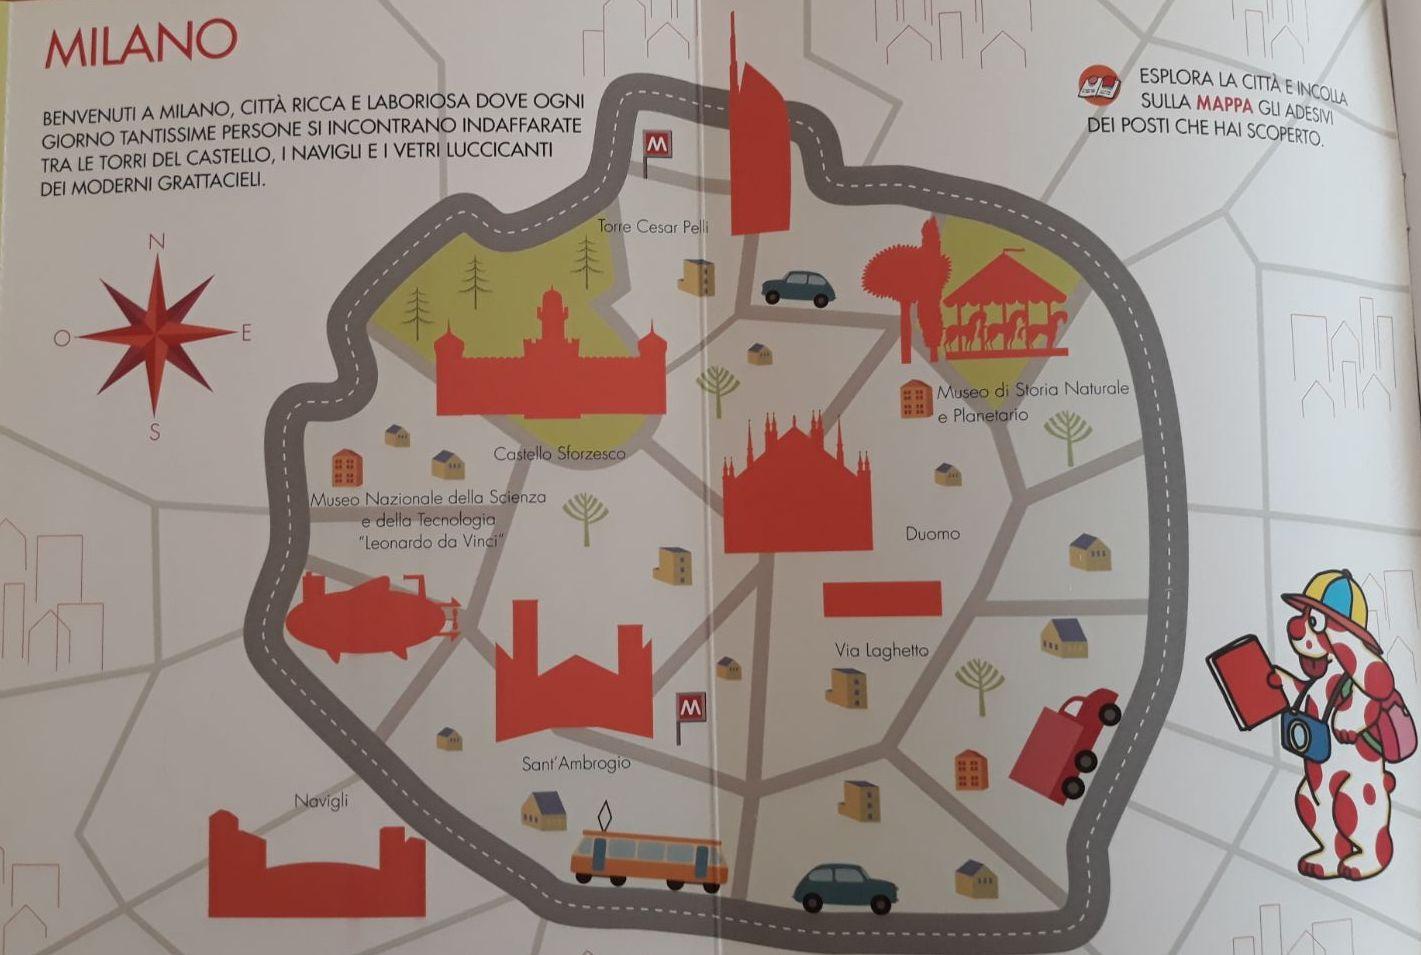 Cartina Di Milano Per Bambini.Mappe E Guide Per Visitare Milano Con I Bambini Figli Moderni